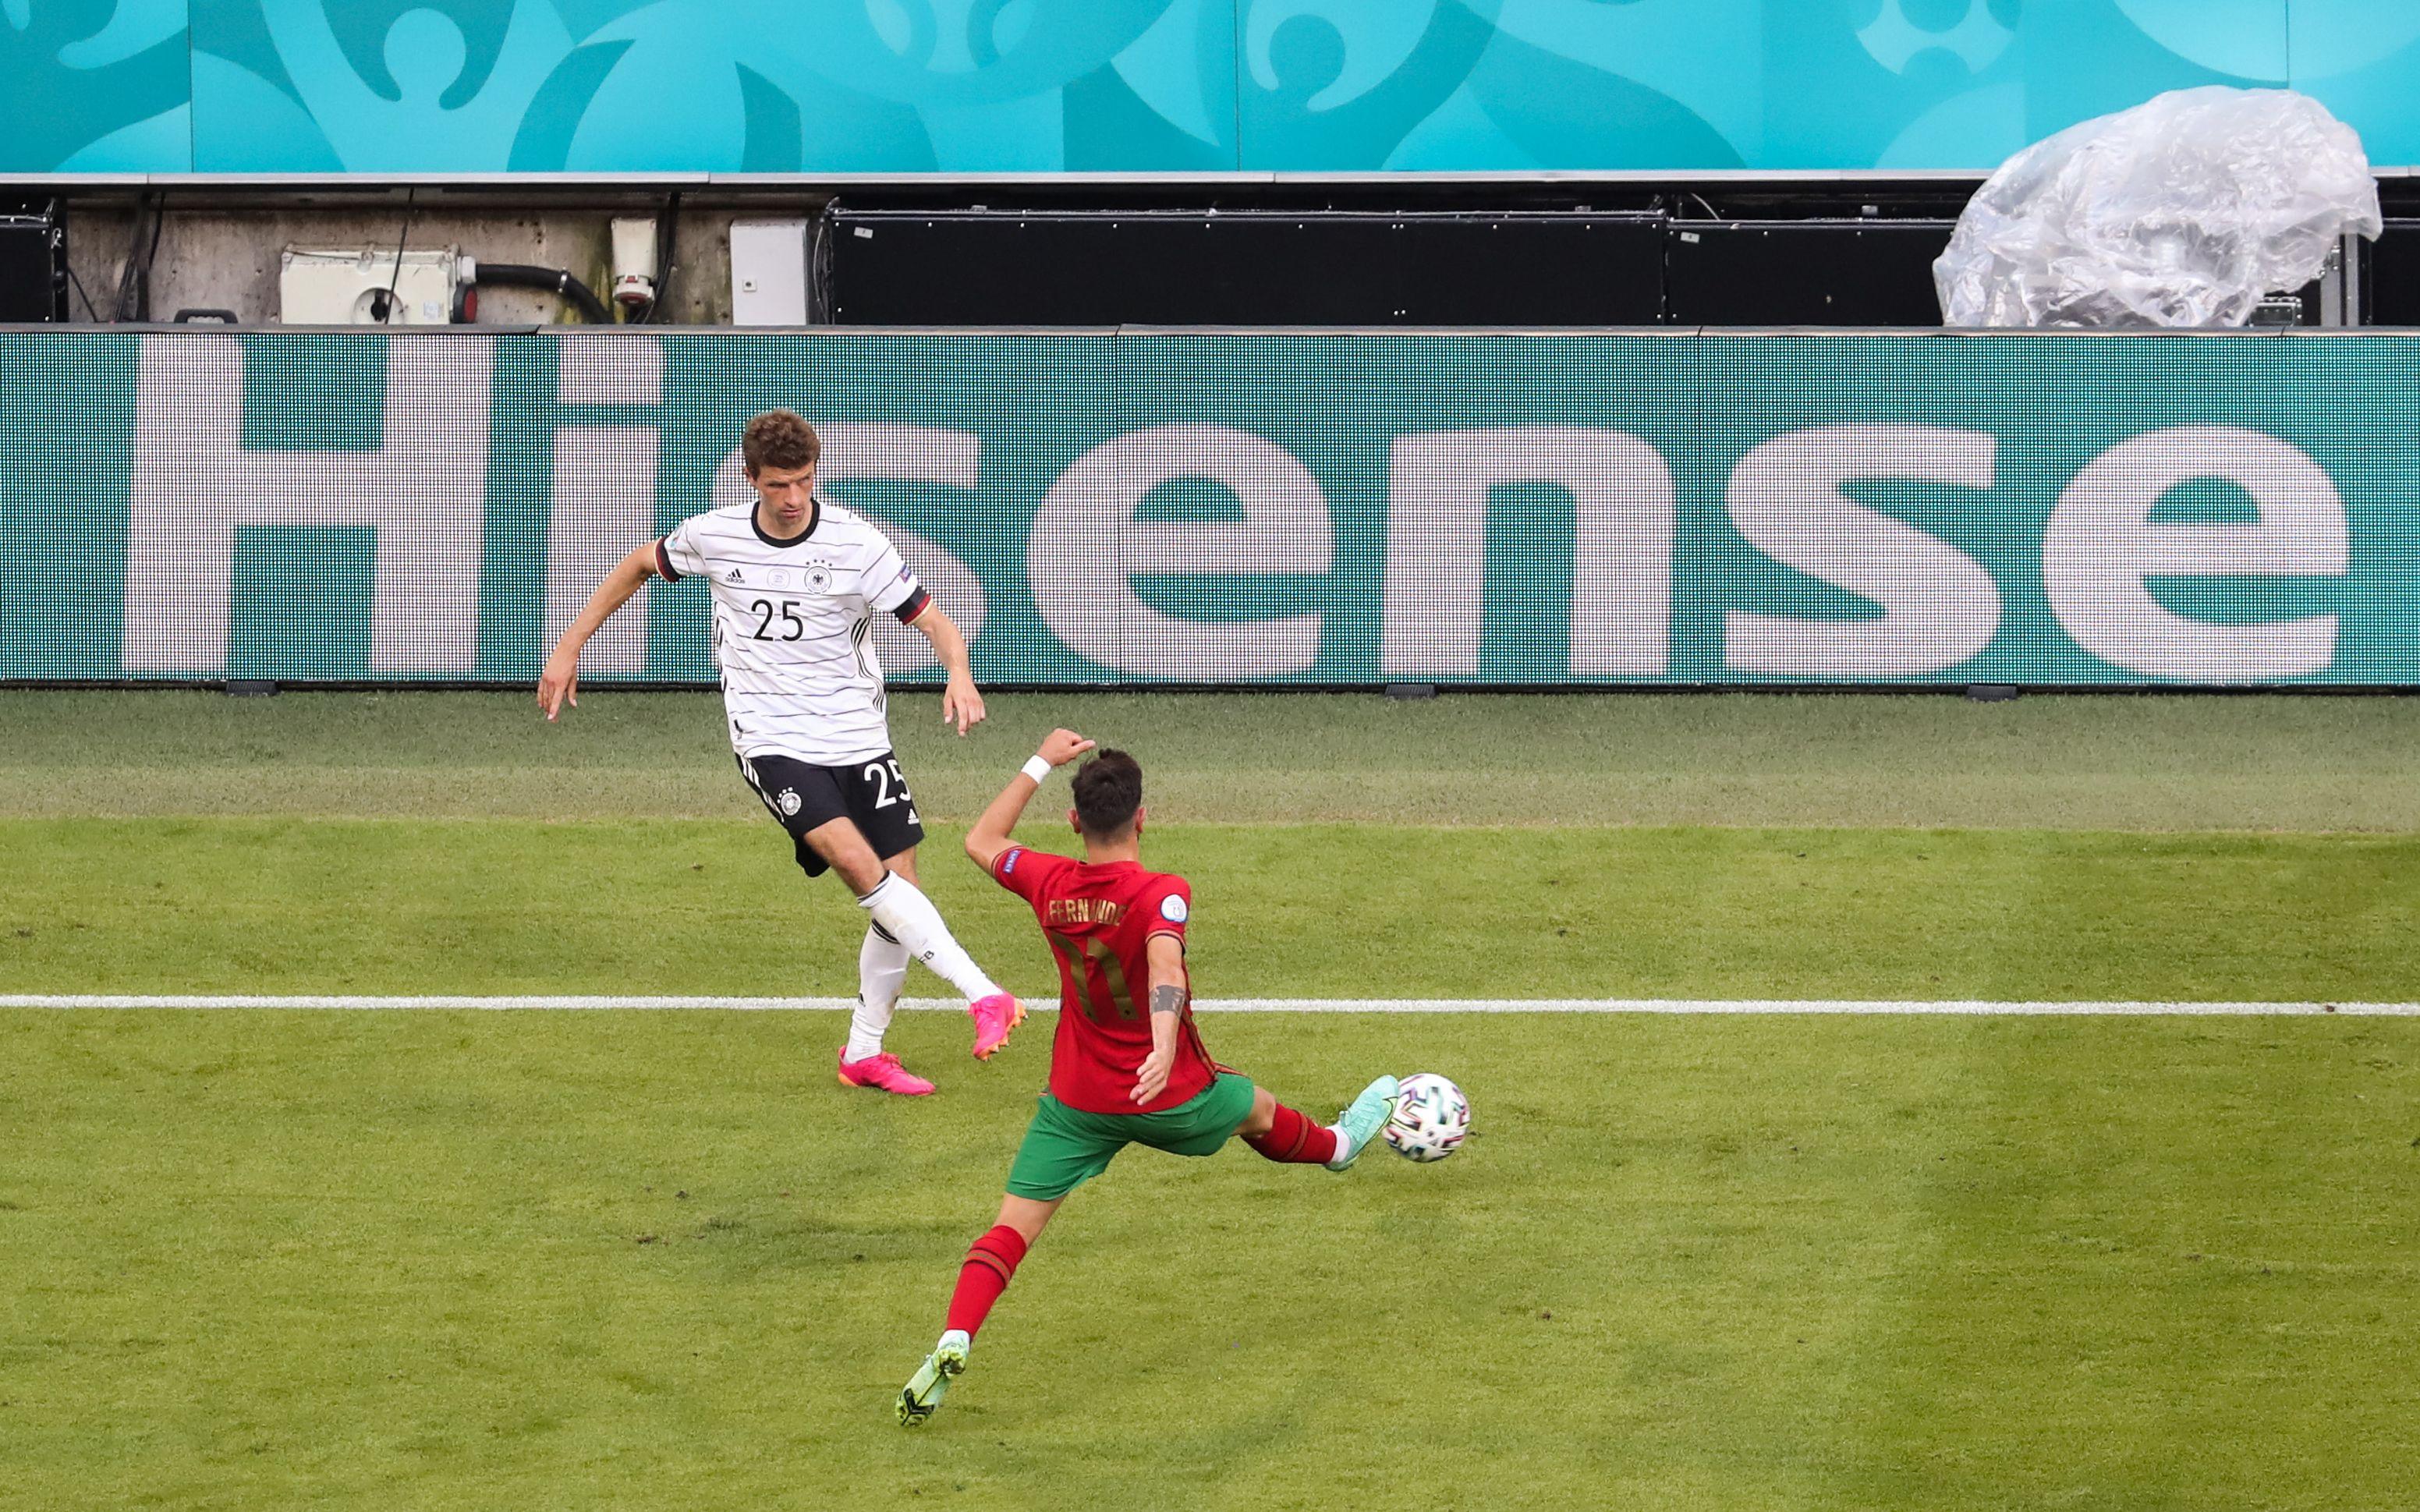 重回国家队的穆勒本次欧洲杯一球未进。